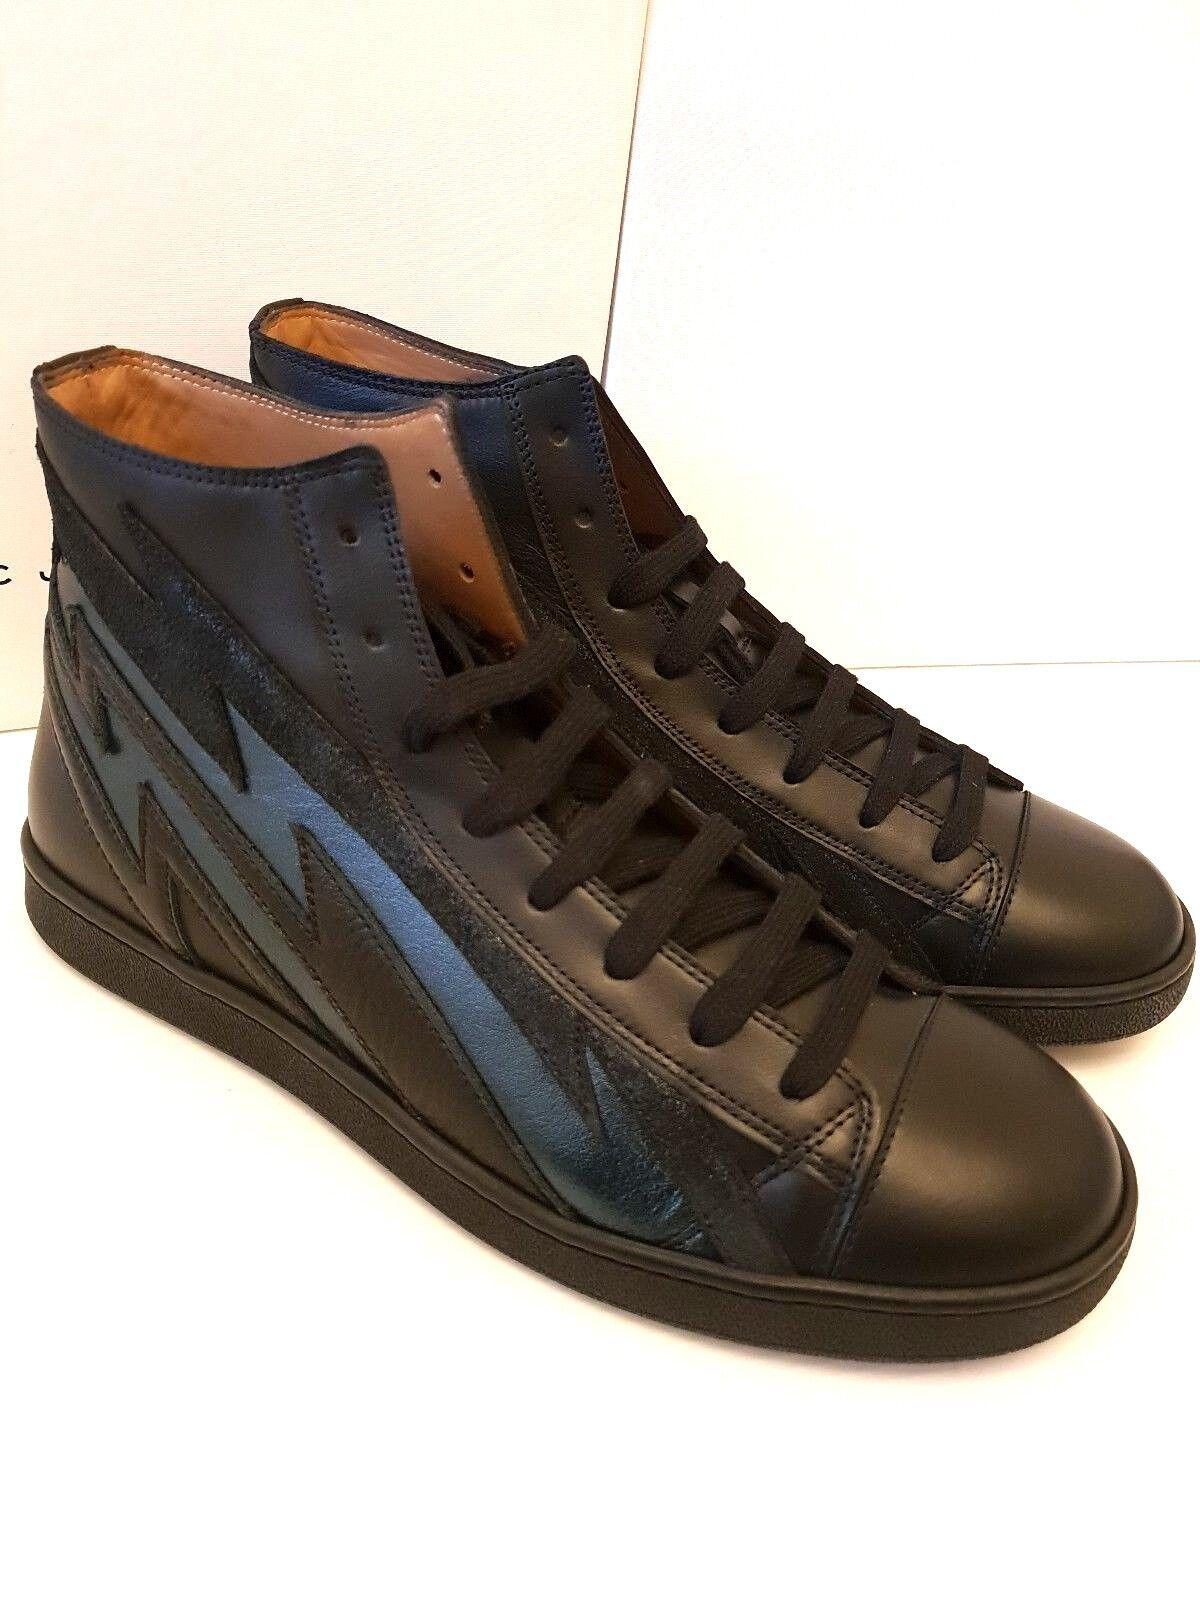 MARC JACOBS Cuero Hi-Top Zapatillas para hombre Talla EU44 Reino Unido 10 en Negro S87WS0248